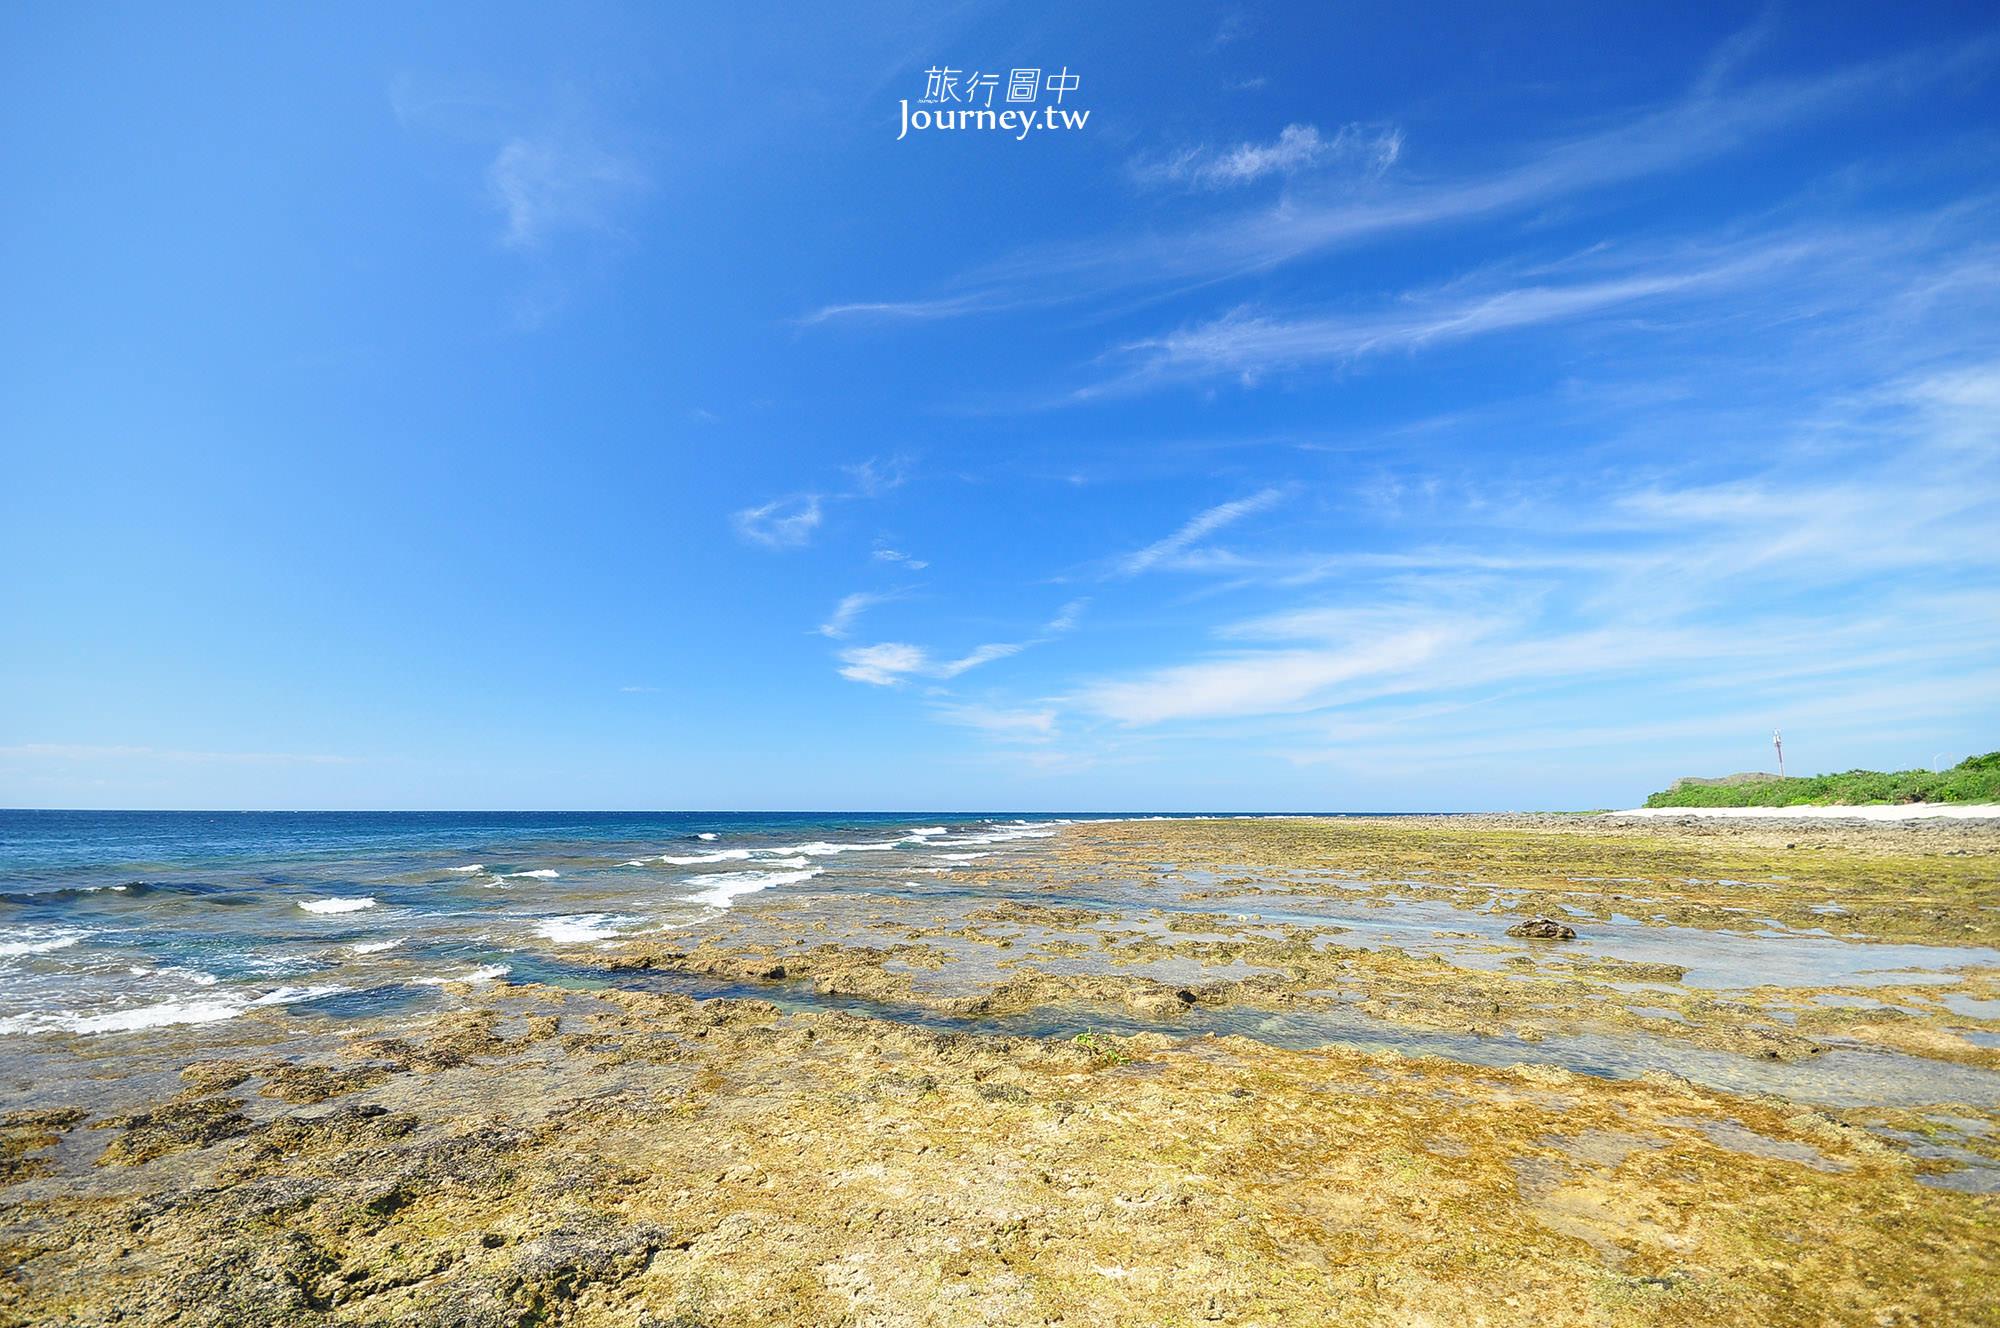 綠島,綠島景點,柴口潛水